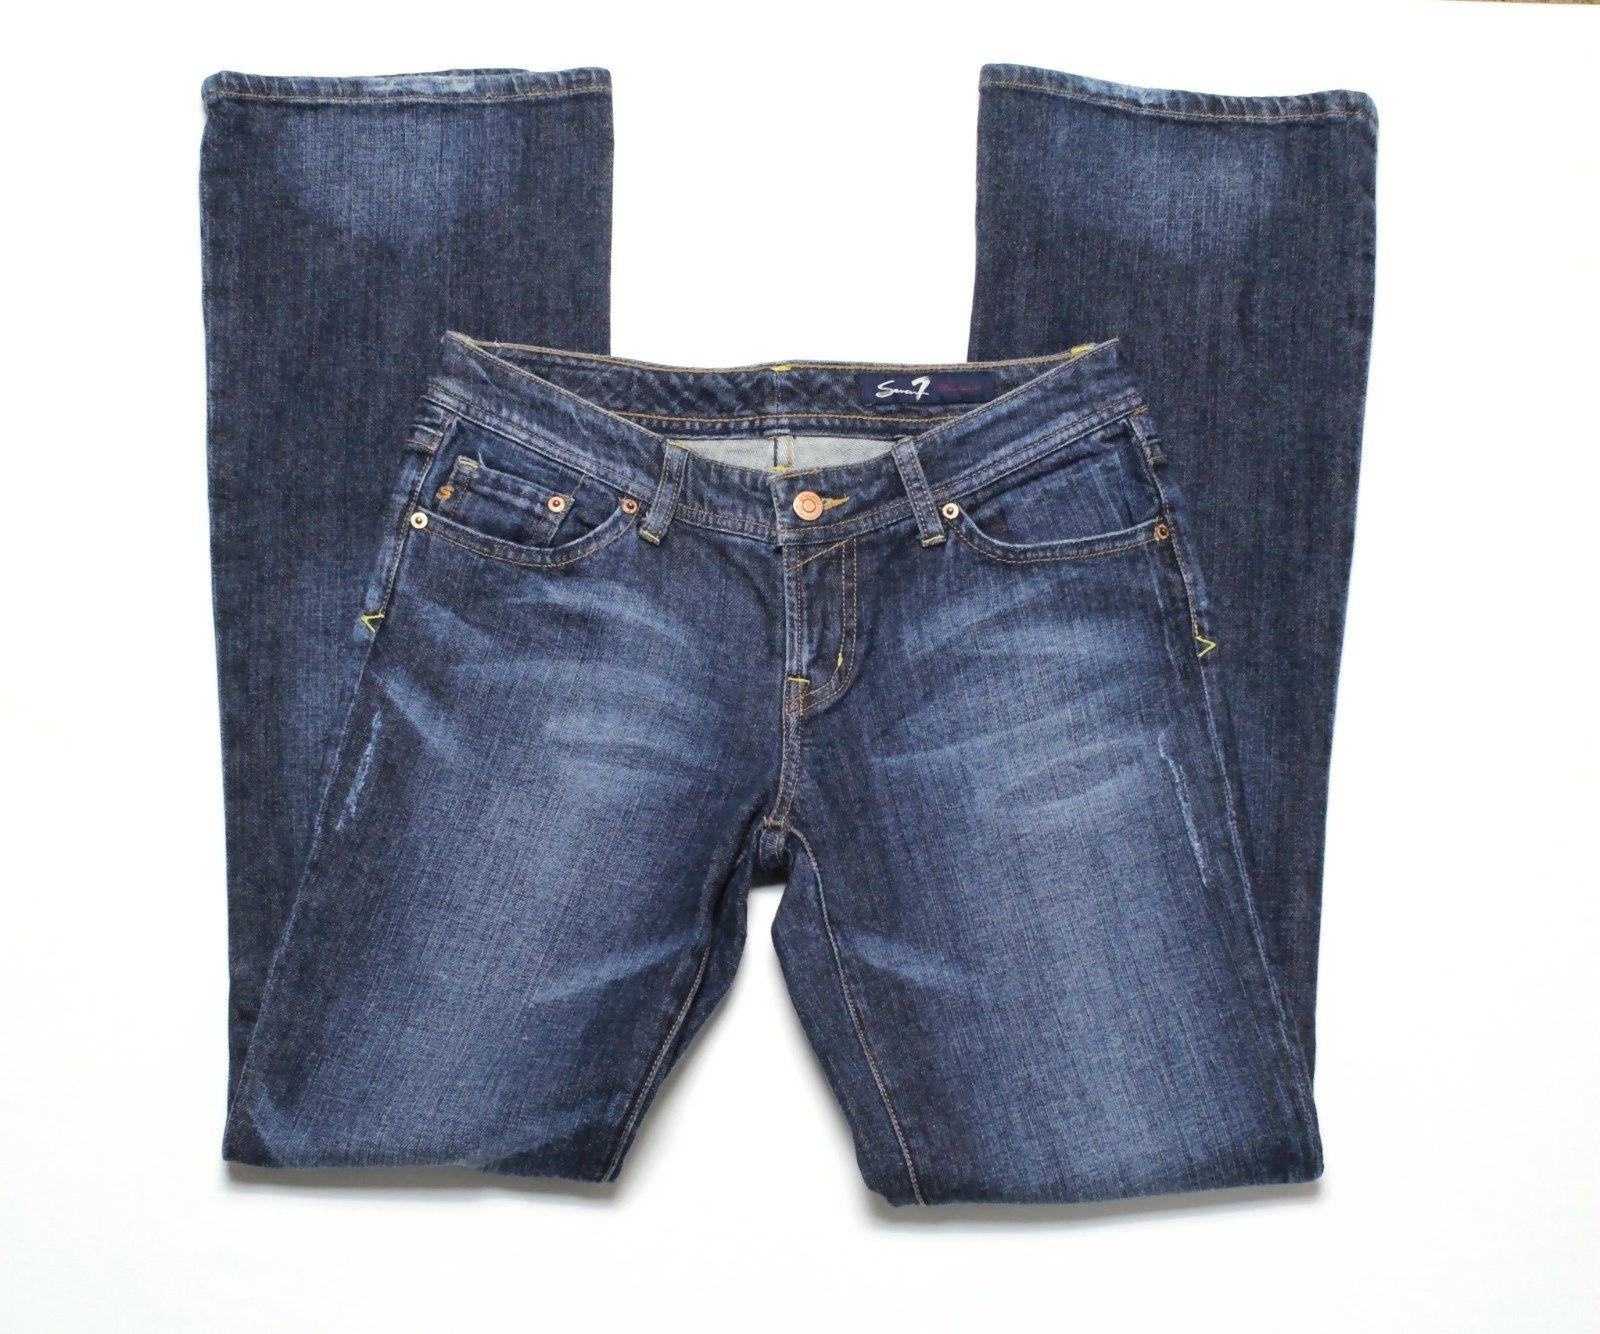 low cut jeans